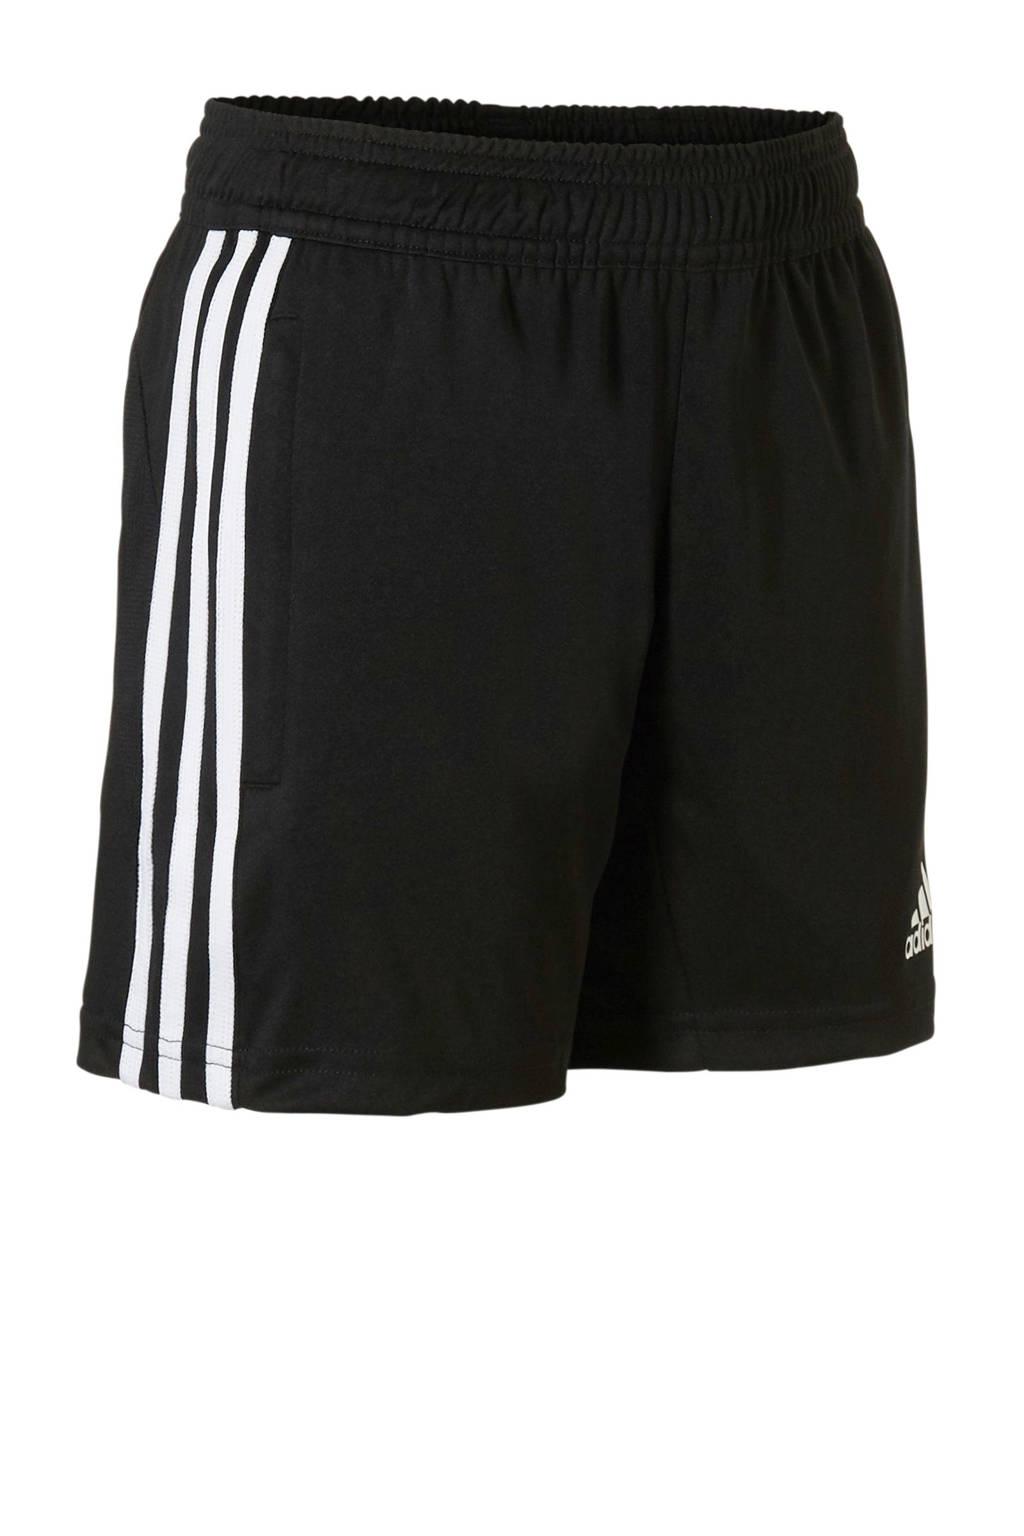 adidas Performance   sportshort Tiro 19 zwart, Zwart/wit